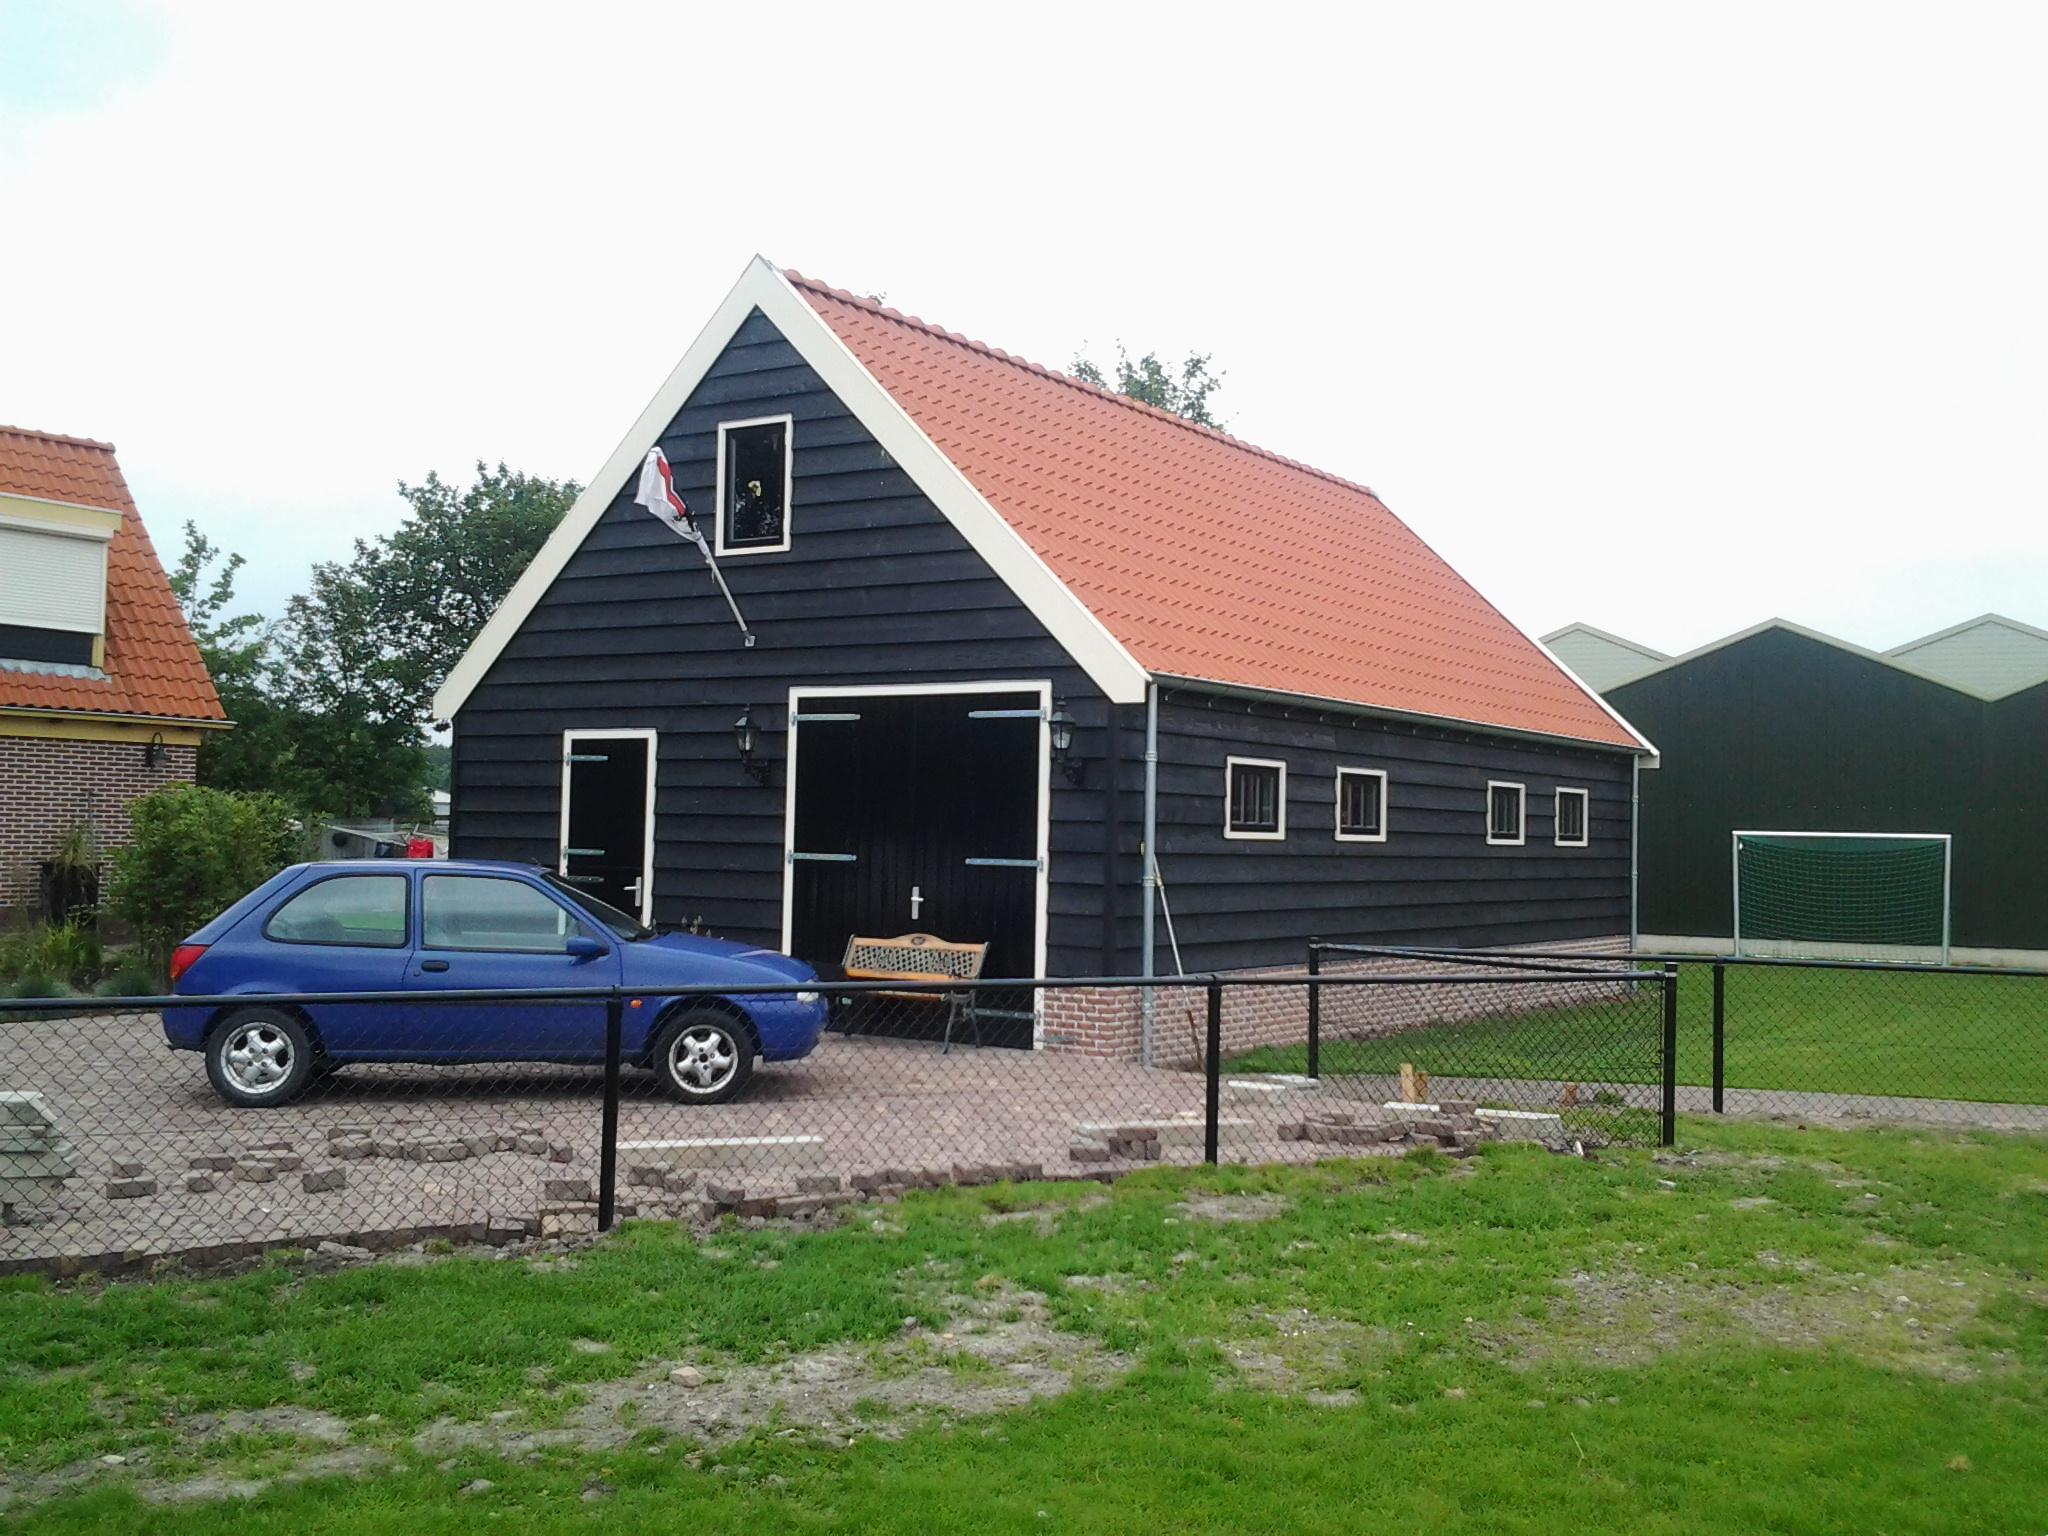 Garage Met Veranda : Gepotdekseld met veranda jaro houtbouw is tevens gespecialiseerd